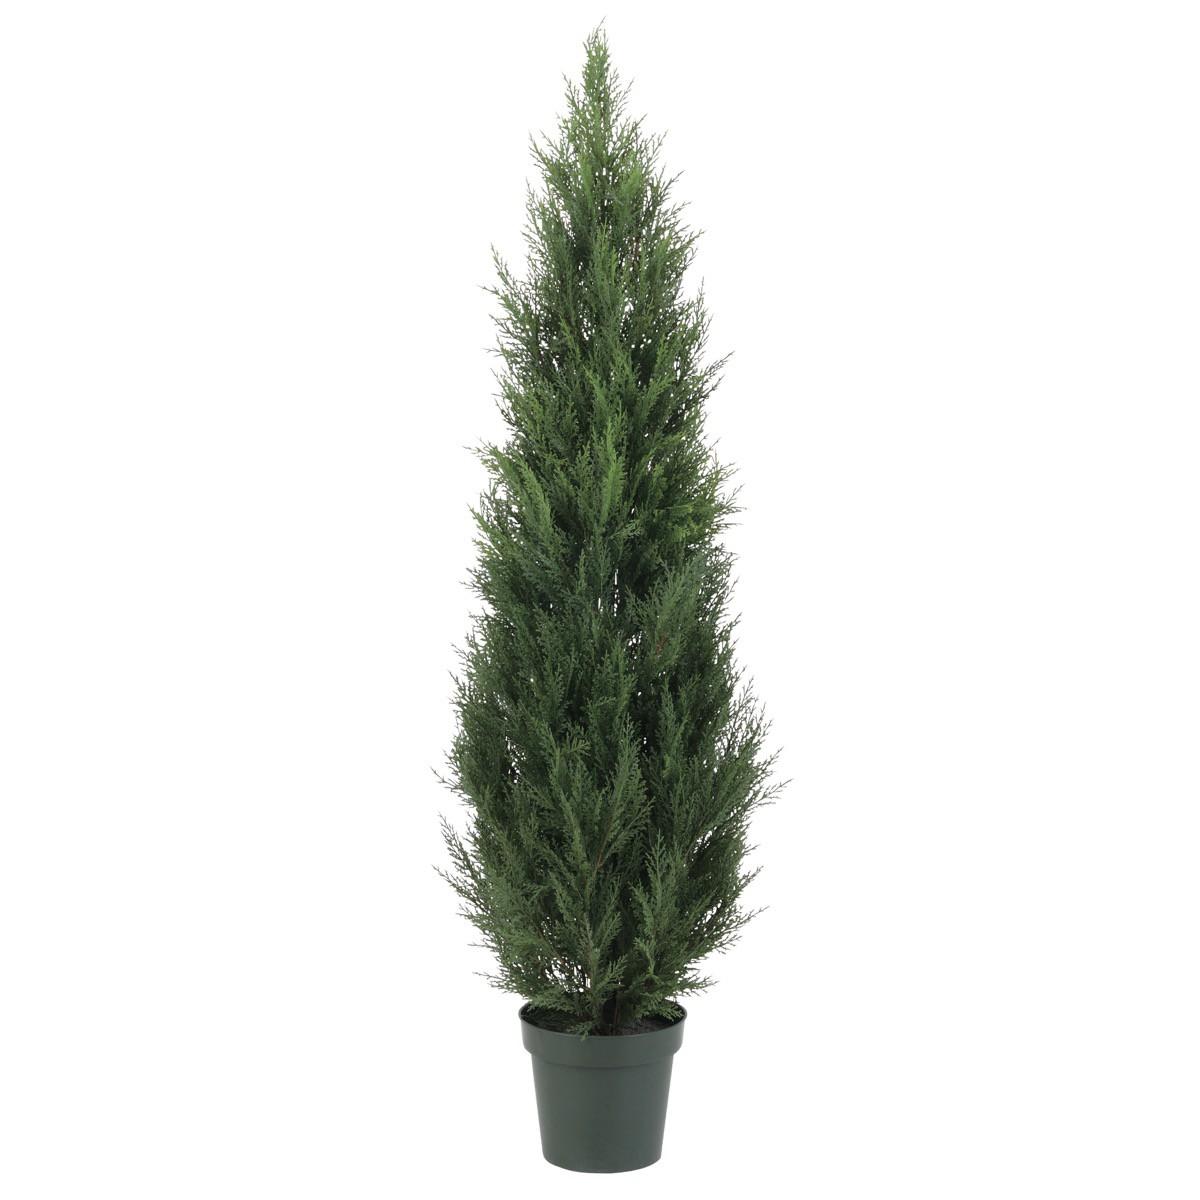 人工観葉植物 フェイクグリーン 観葉植物 造花 グリーンクレスト 90cm インテリア おしゃれ フェイク グリーン CT触媒 消臭